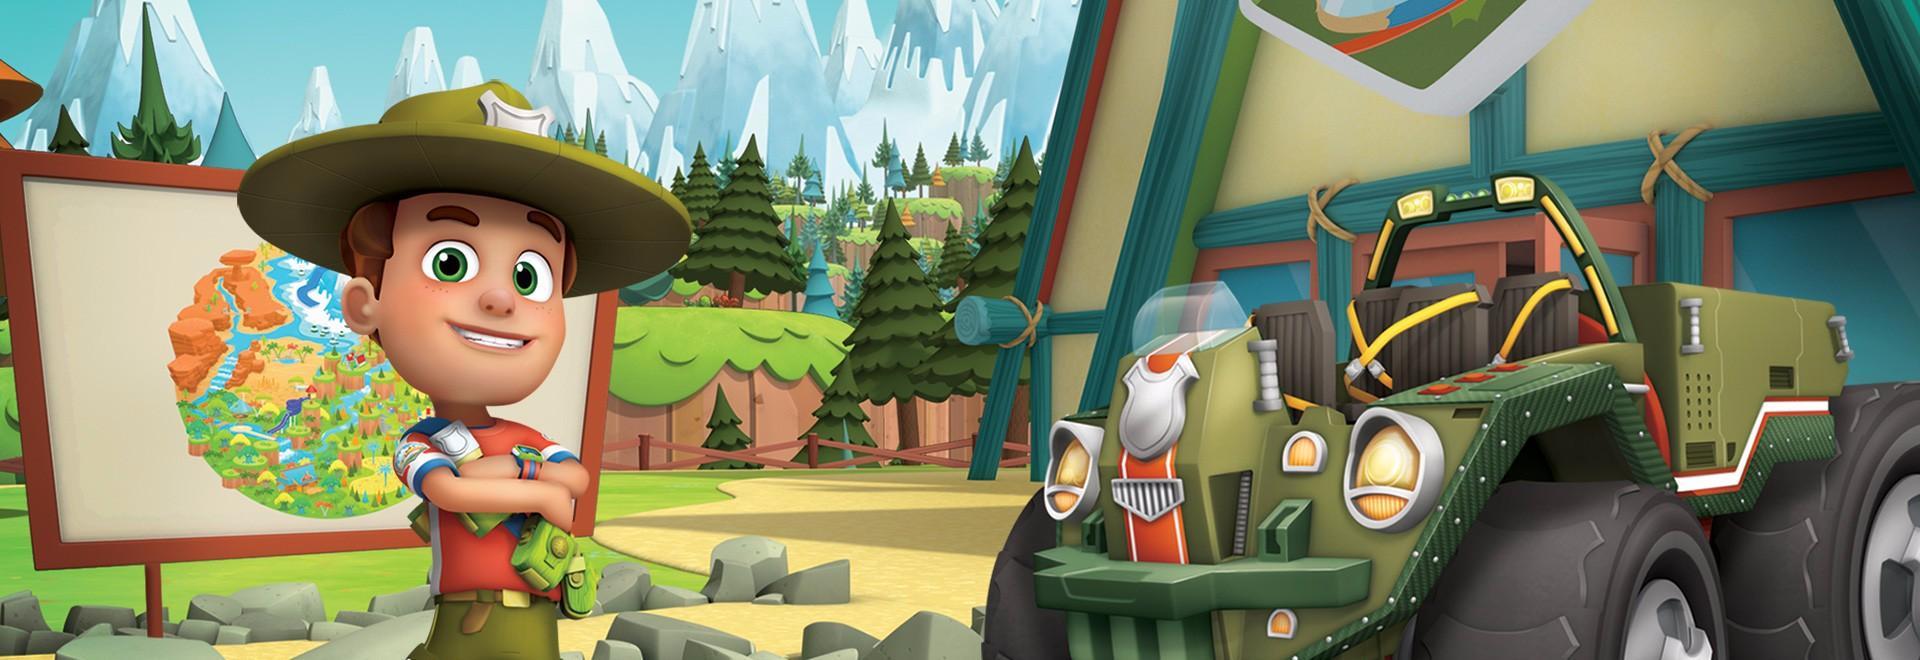 Un vero Ranger / Strani rumori nella giungla di Big Sky Park!